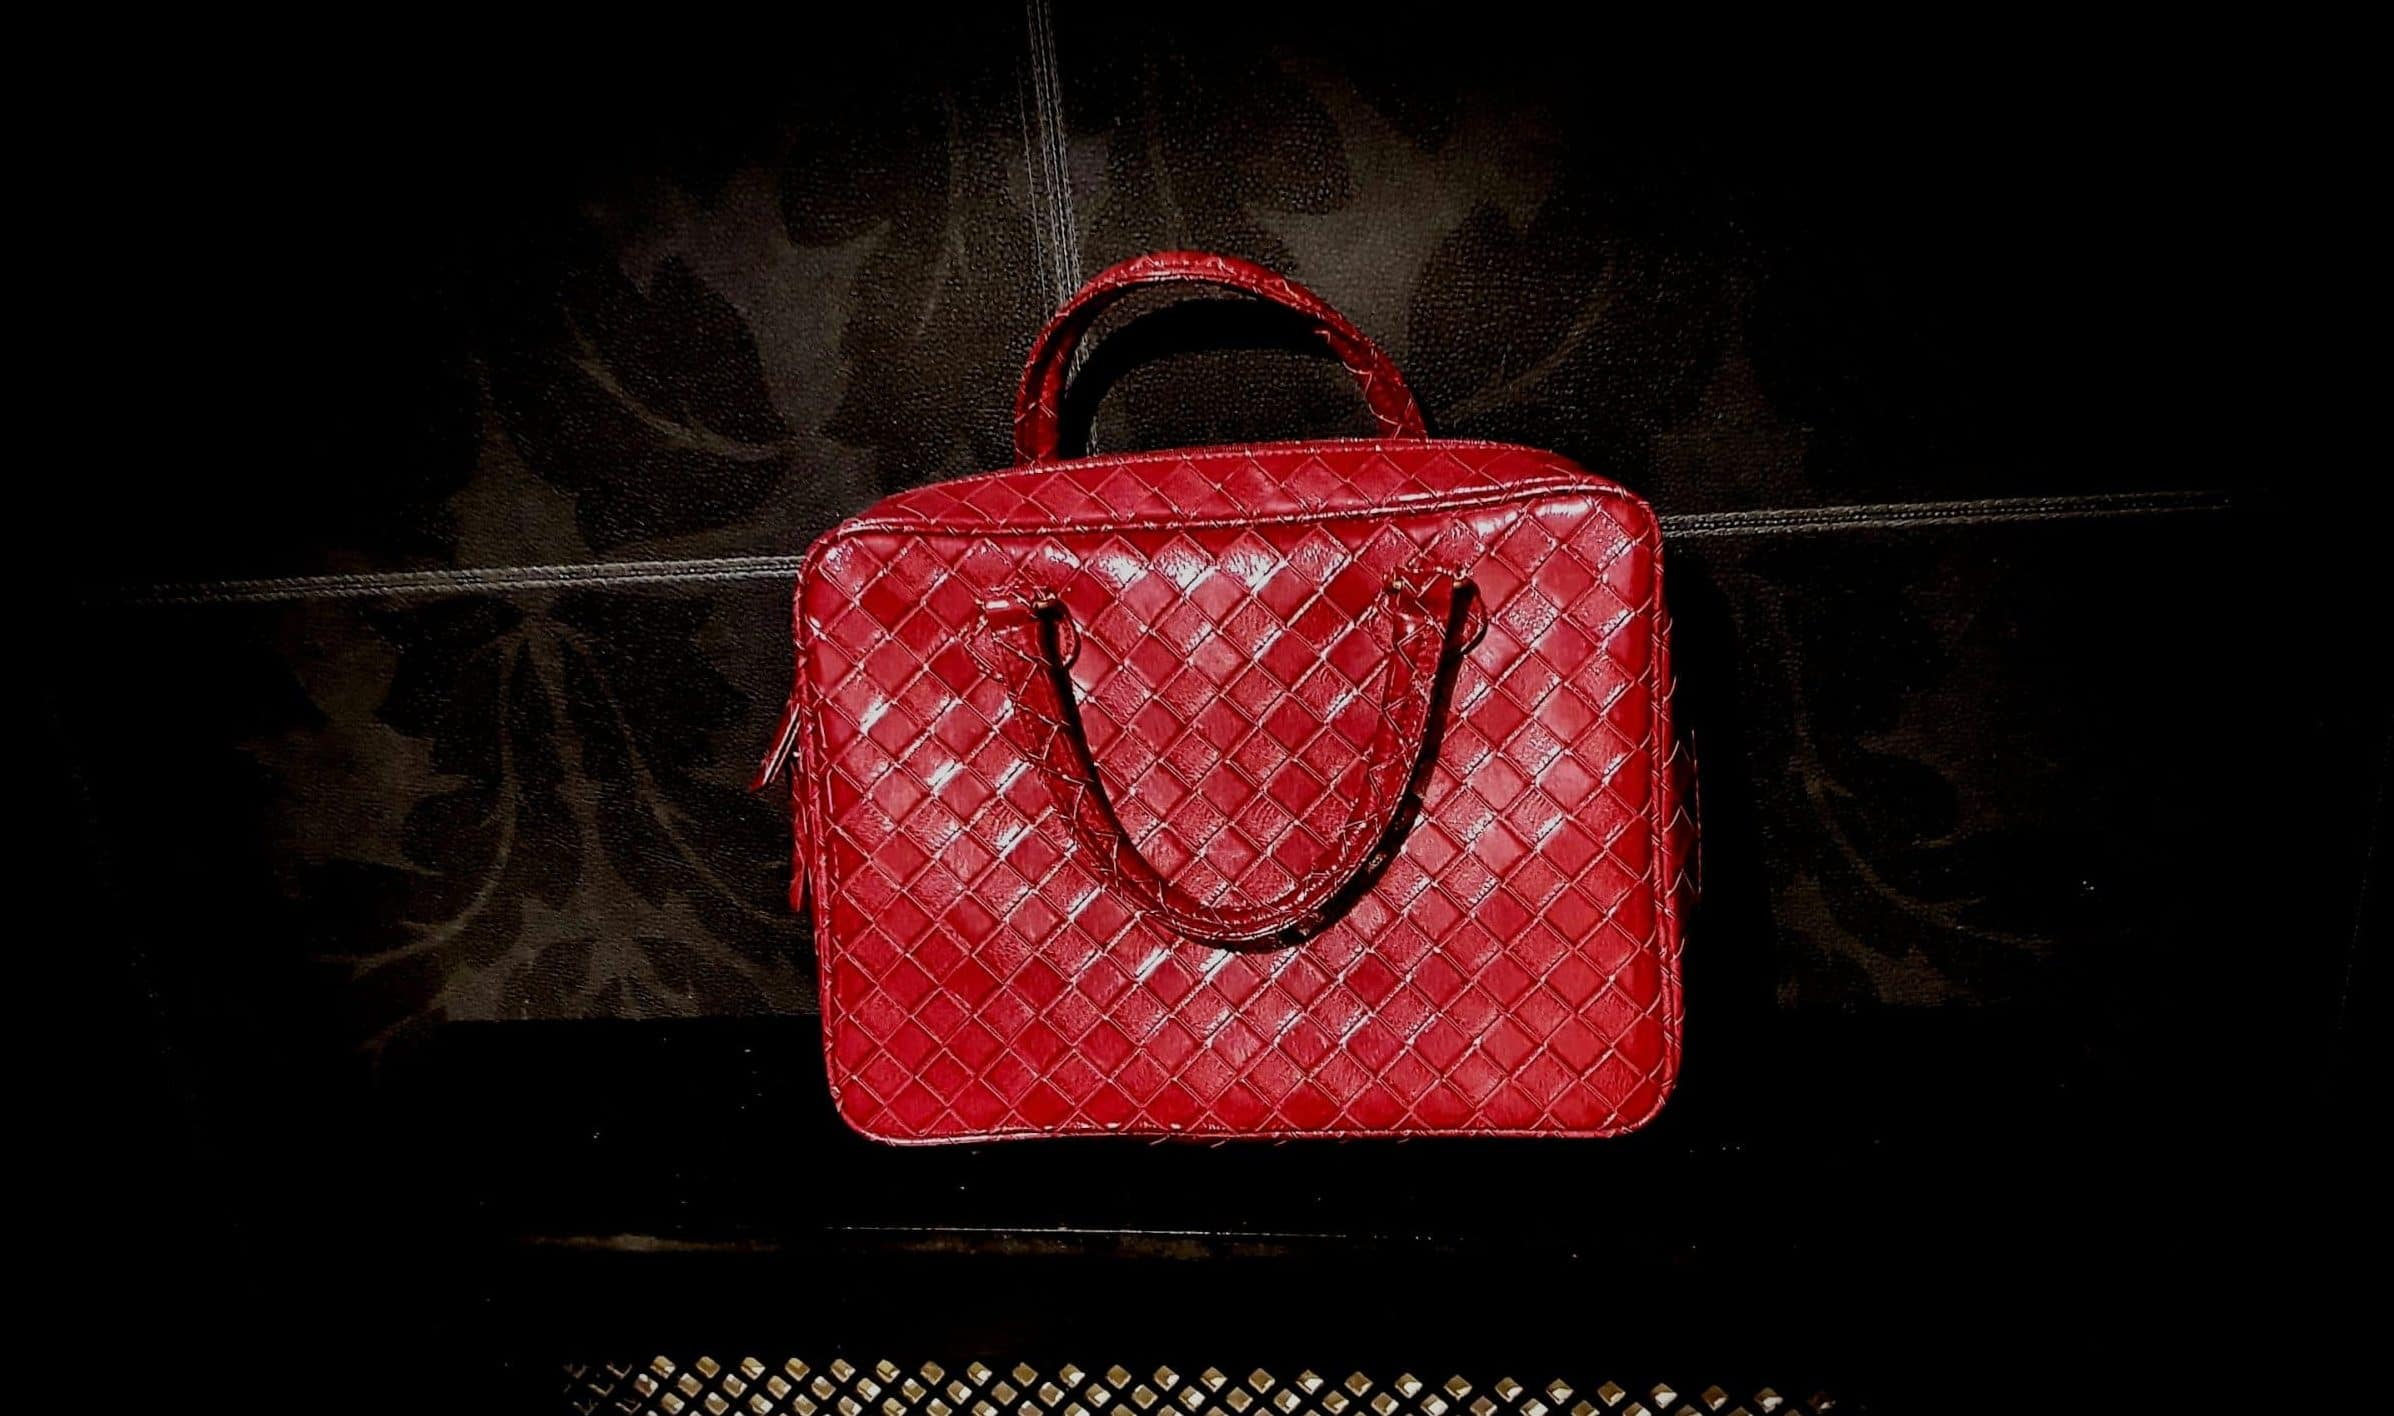 Red Estee Lauder train bag